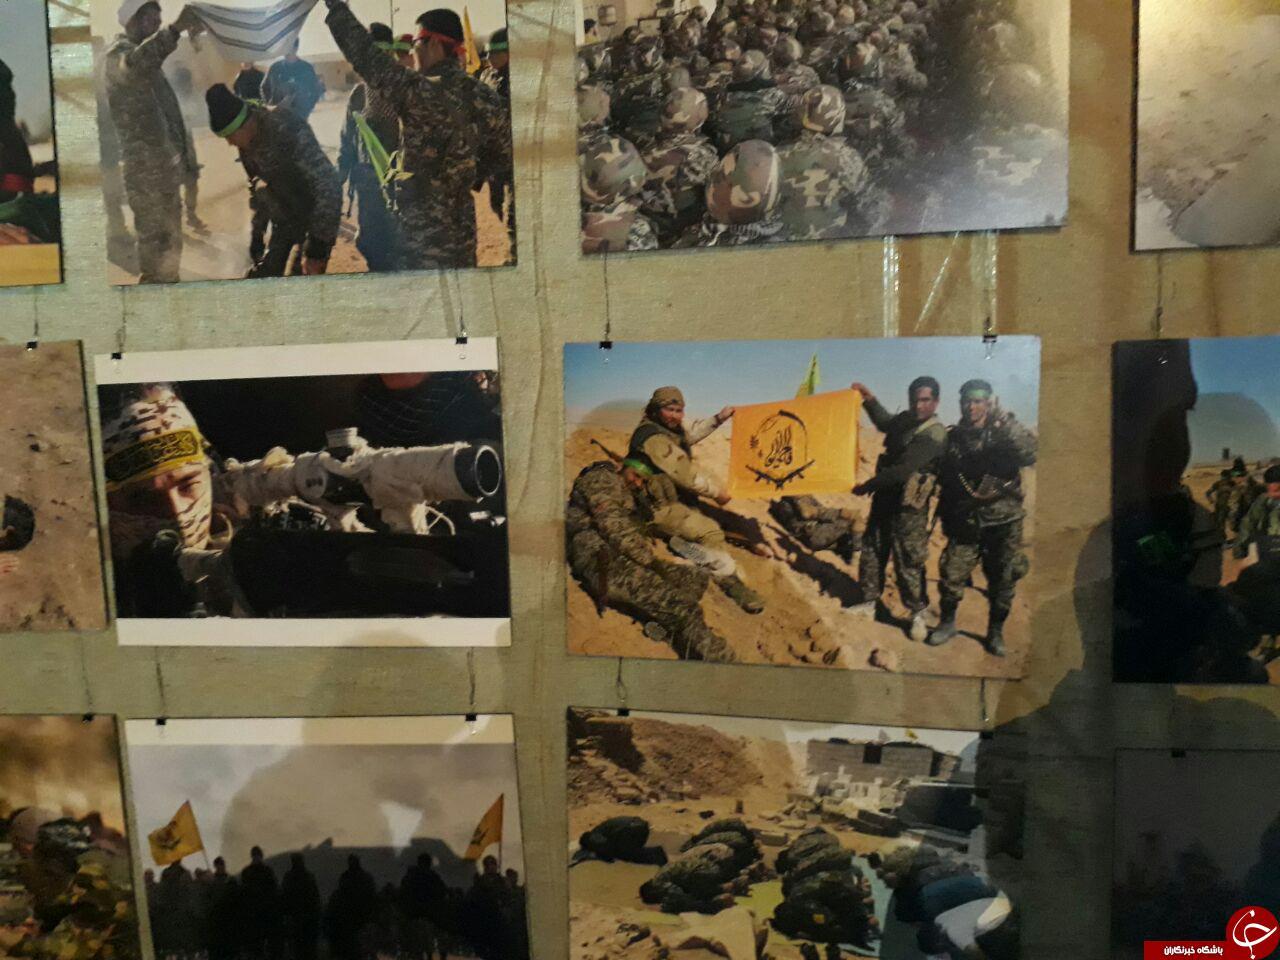 جشن پیروزی جبهه مقاومت توسط مهاجرین افغانستانی در مشهد + تصاویر